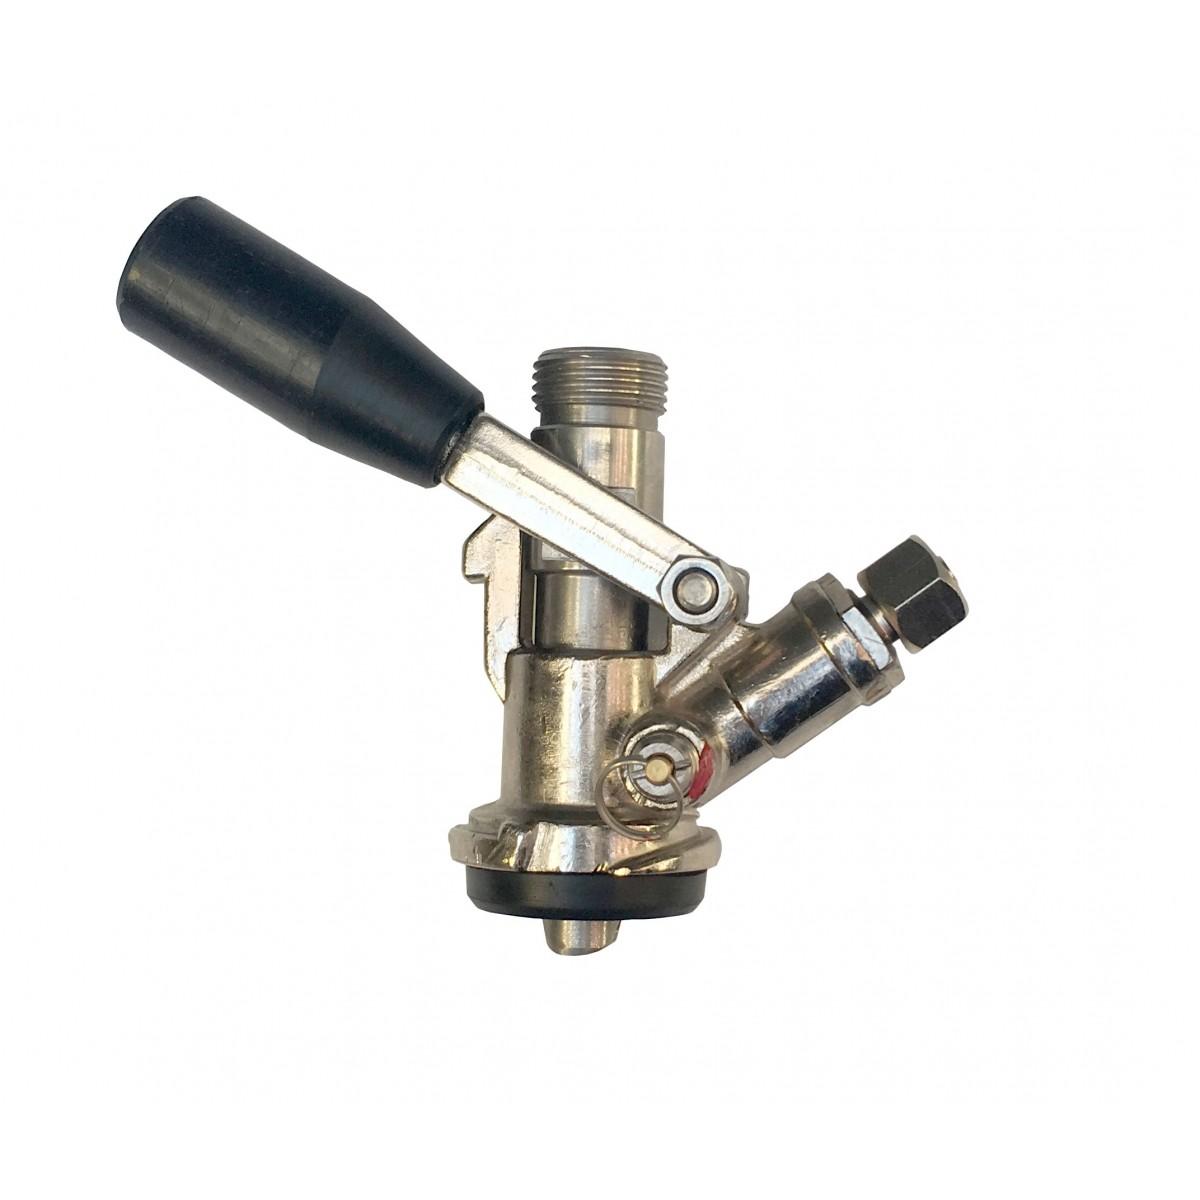 Kit 6 Válvulas Extratoras Chopp (keg) Tipo(s) Padrão Ambev